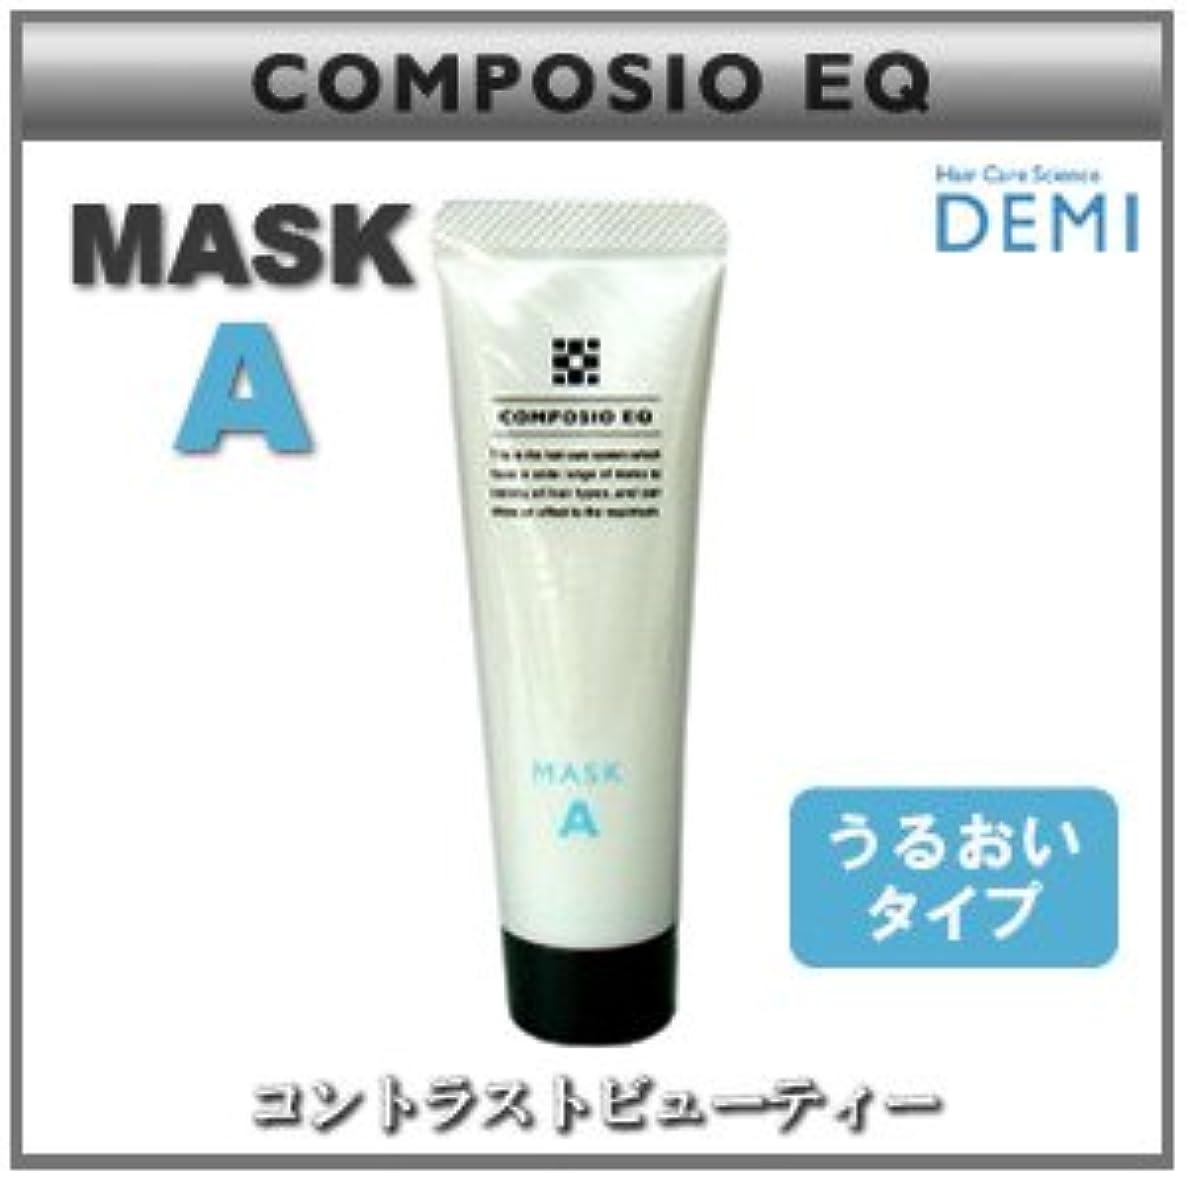 飢饉欠かせない診療所【X3個セット】 デミ コンポジオ EQ マスク A 50g